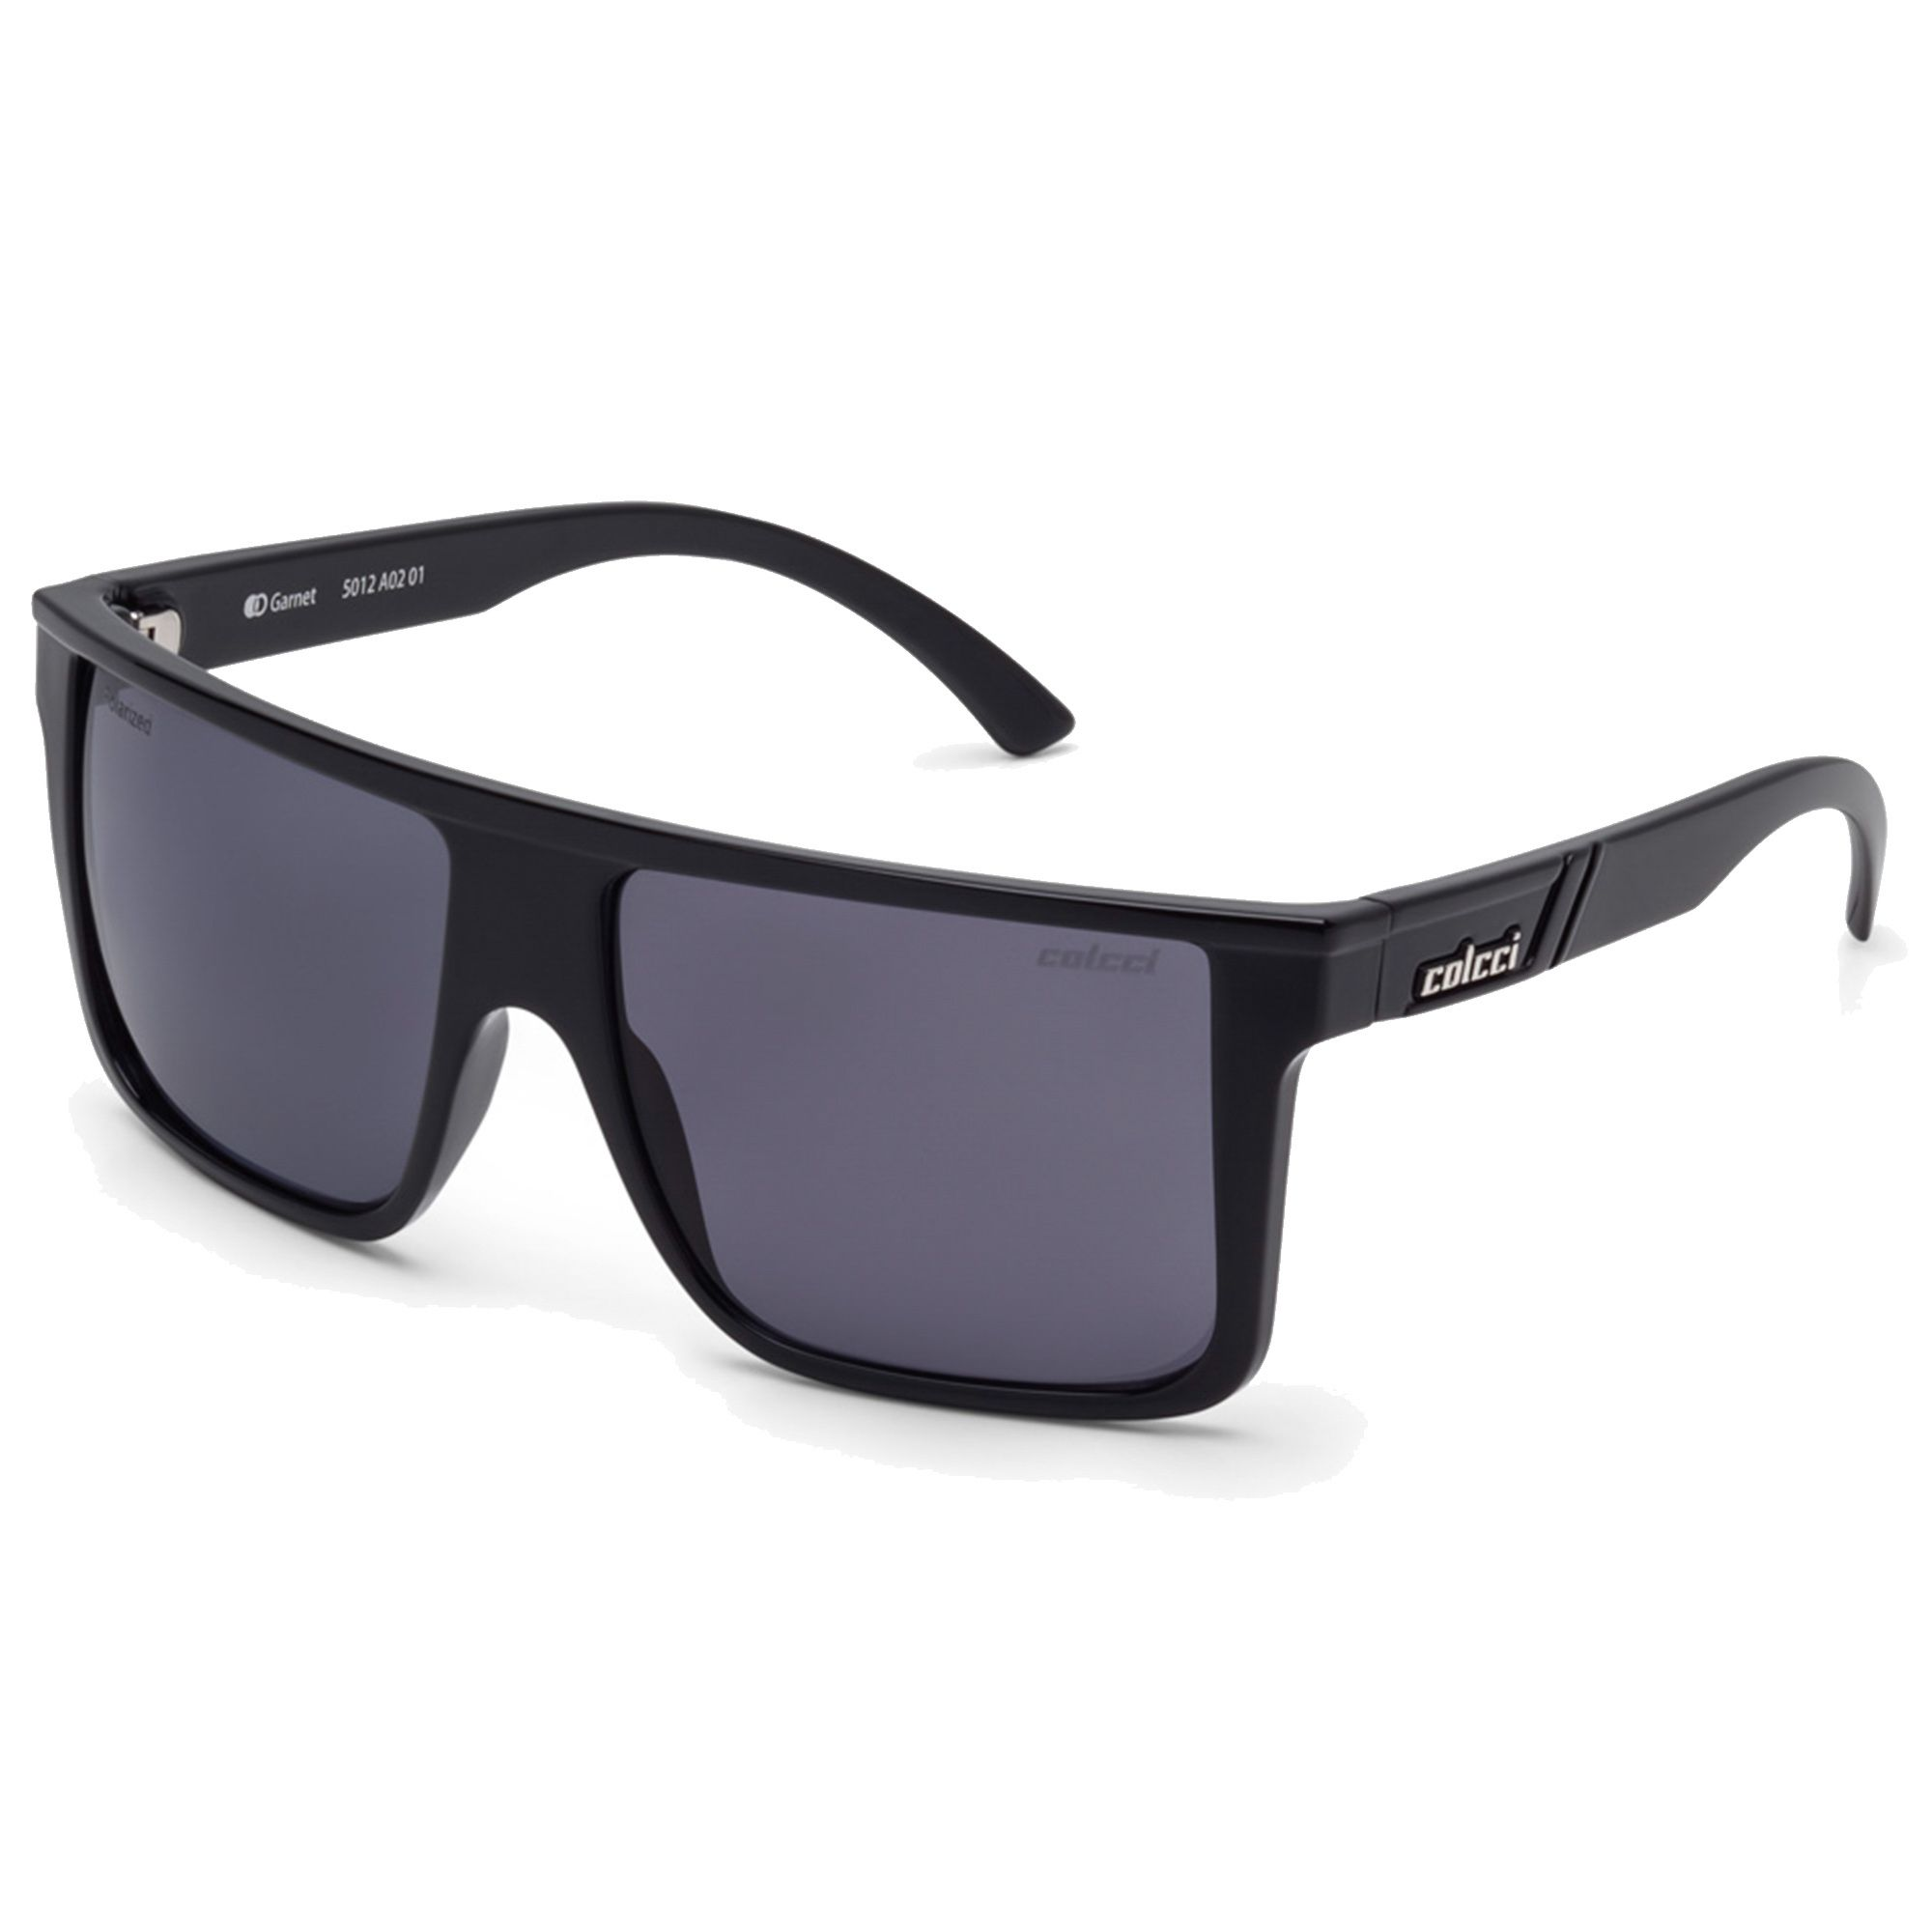 Óculos de Sol Masculino Colcci Garnet 5012A0201